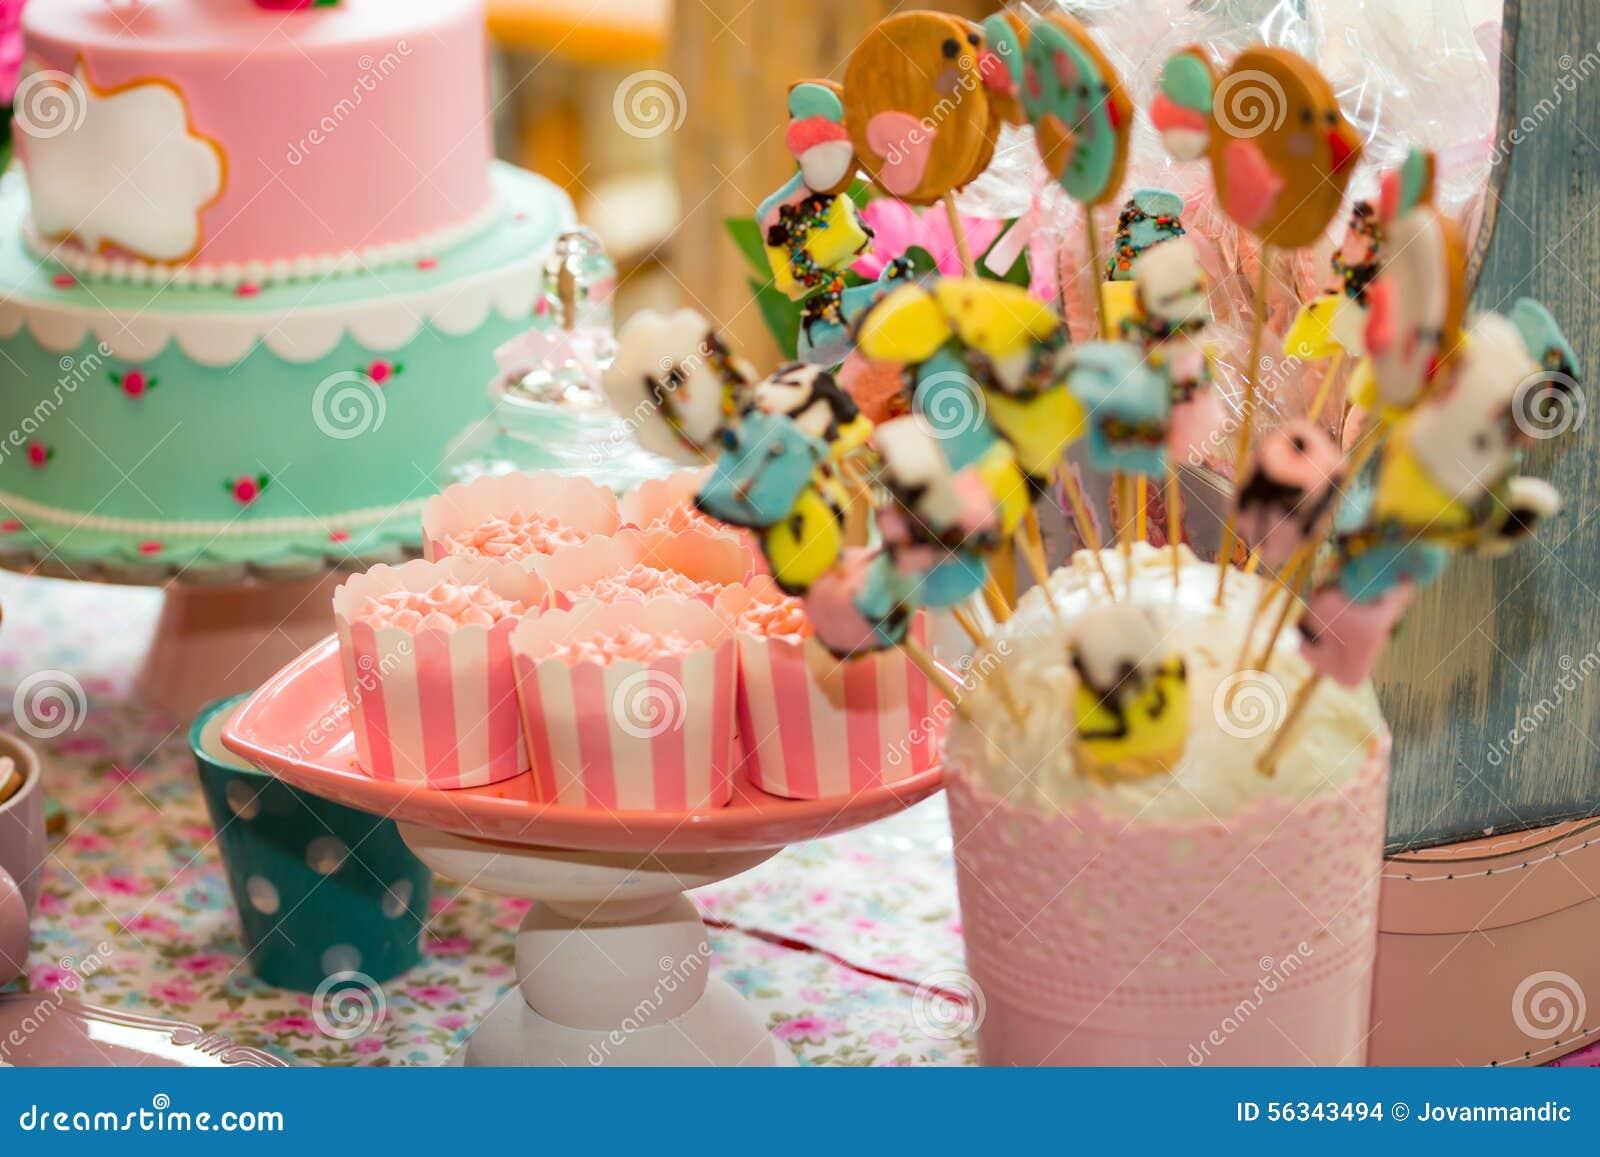 Tavola di compleanno con i dolci per il partito dei bambini fotografia stock immagine 56343494 - Tavola pitagorica per bambini ...